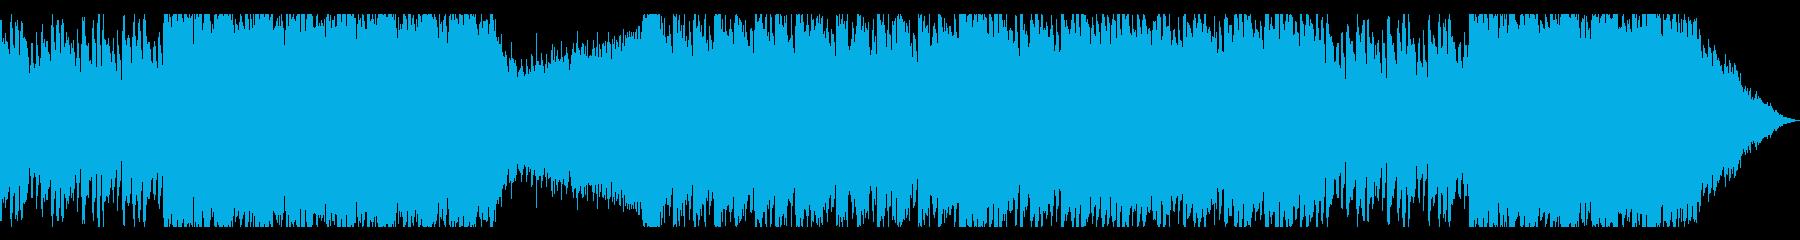 敵の要塞に突入するBGMの再生済みの波形